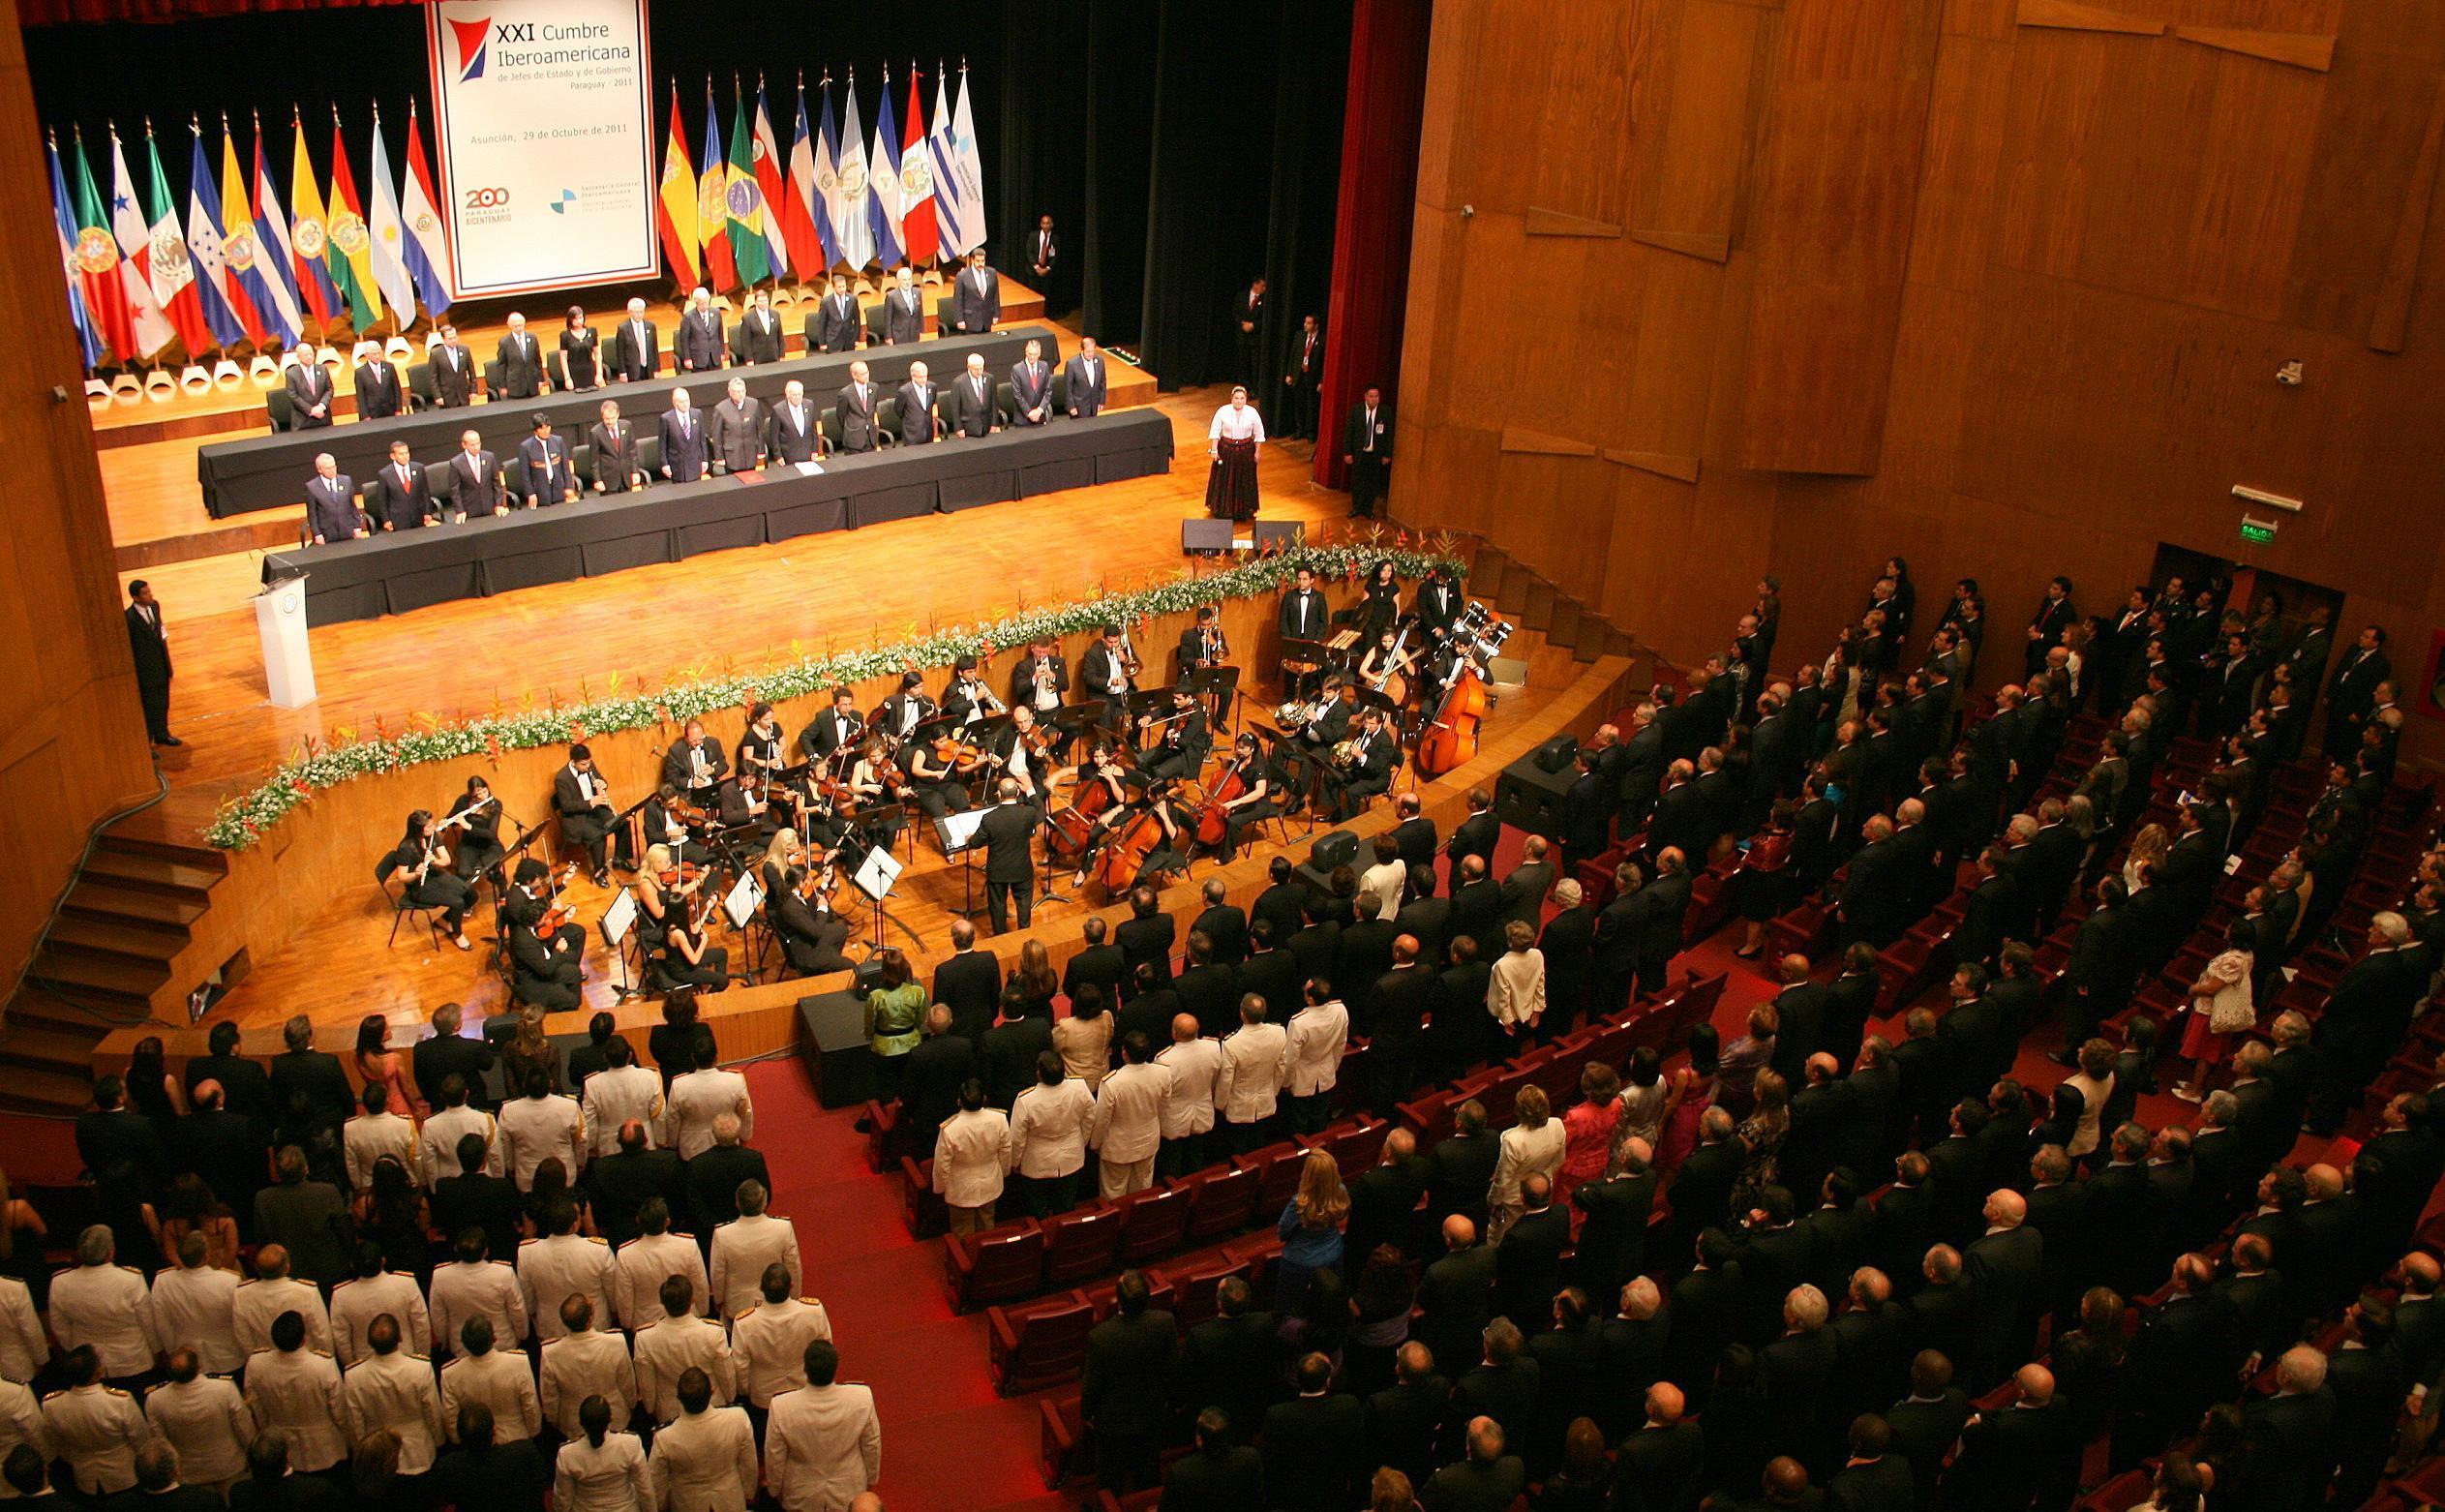 Cumbre Iberoamericana - Wikipedia, la enciclopedia libre